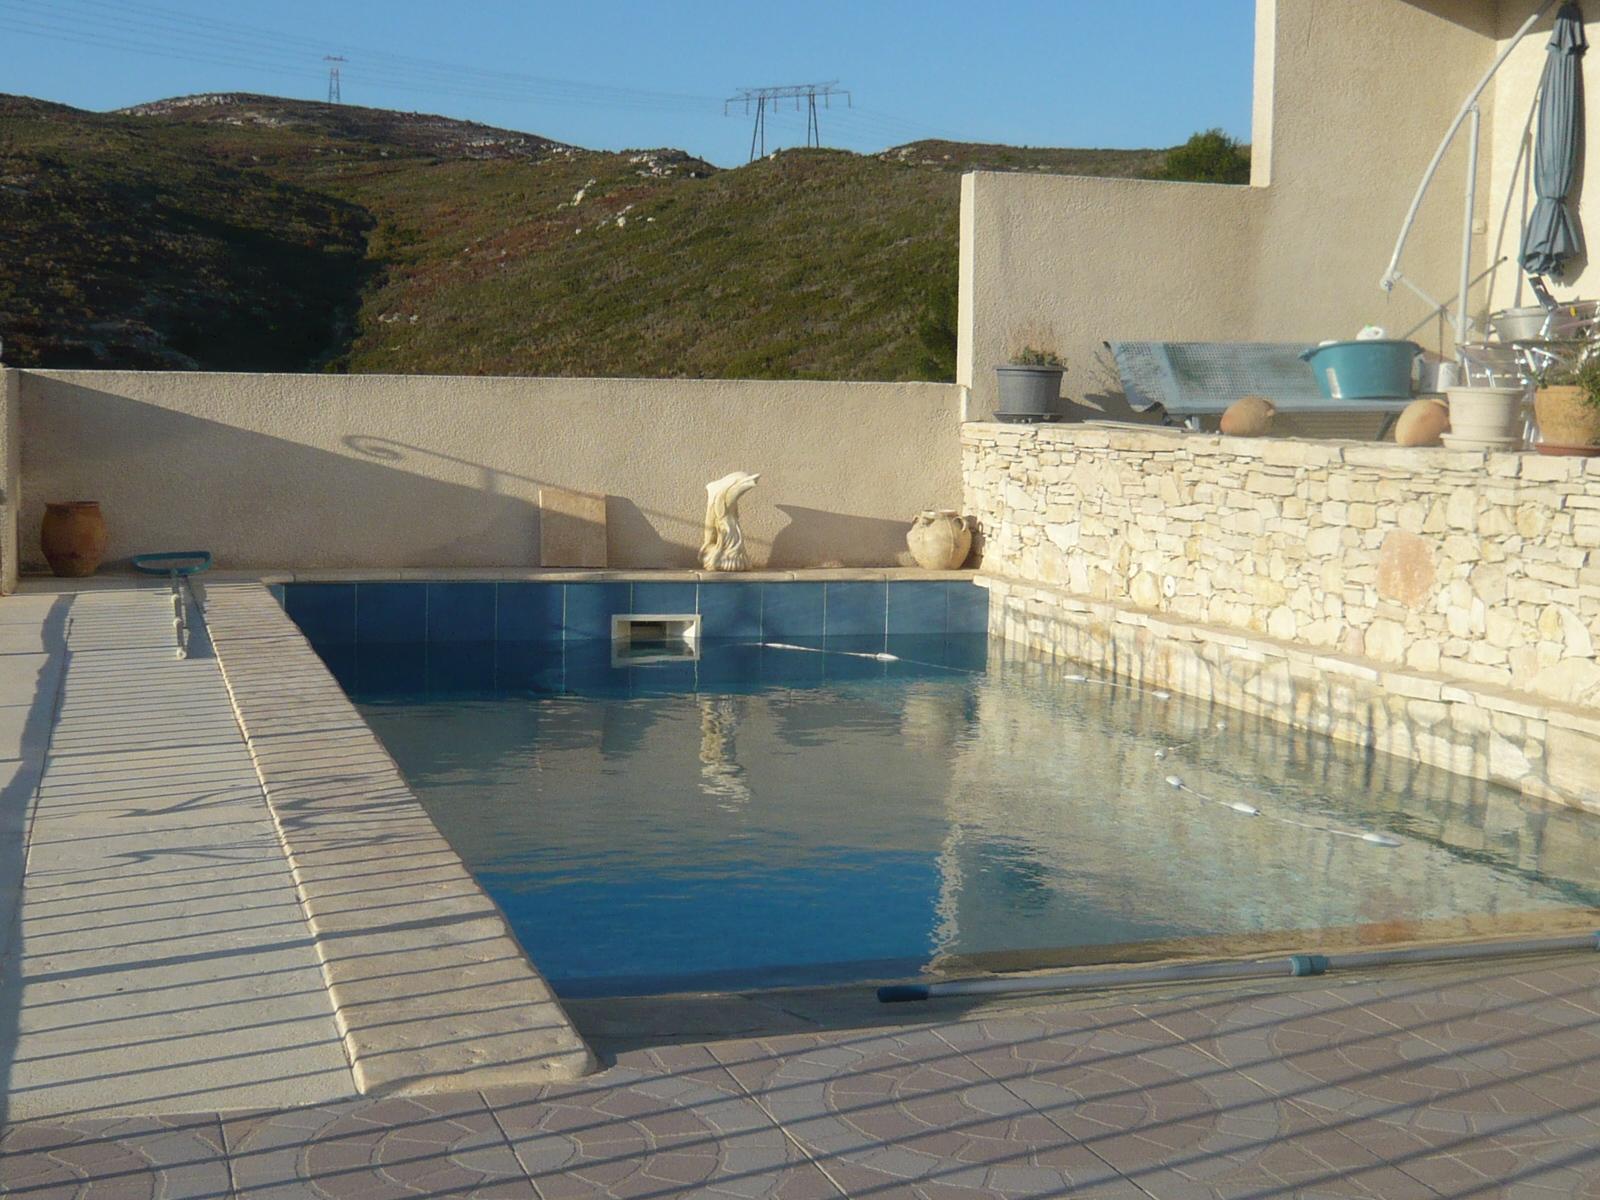 06d946502b5cf8 Vente Villa traditionnelle T4 Marseille 13016 Hauteurs de l Estaque 16ème 2  appartements T3 + loft. Grand garage. Piscine. Vue mer !